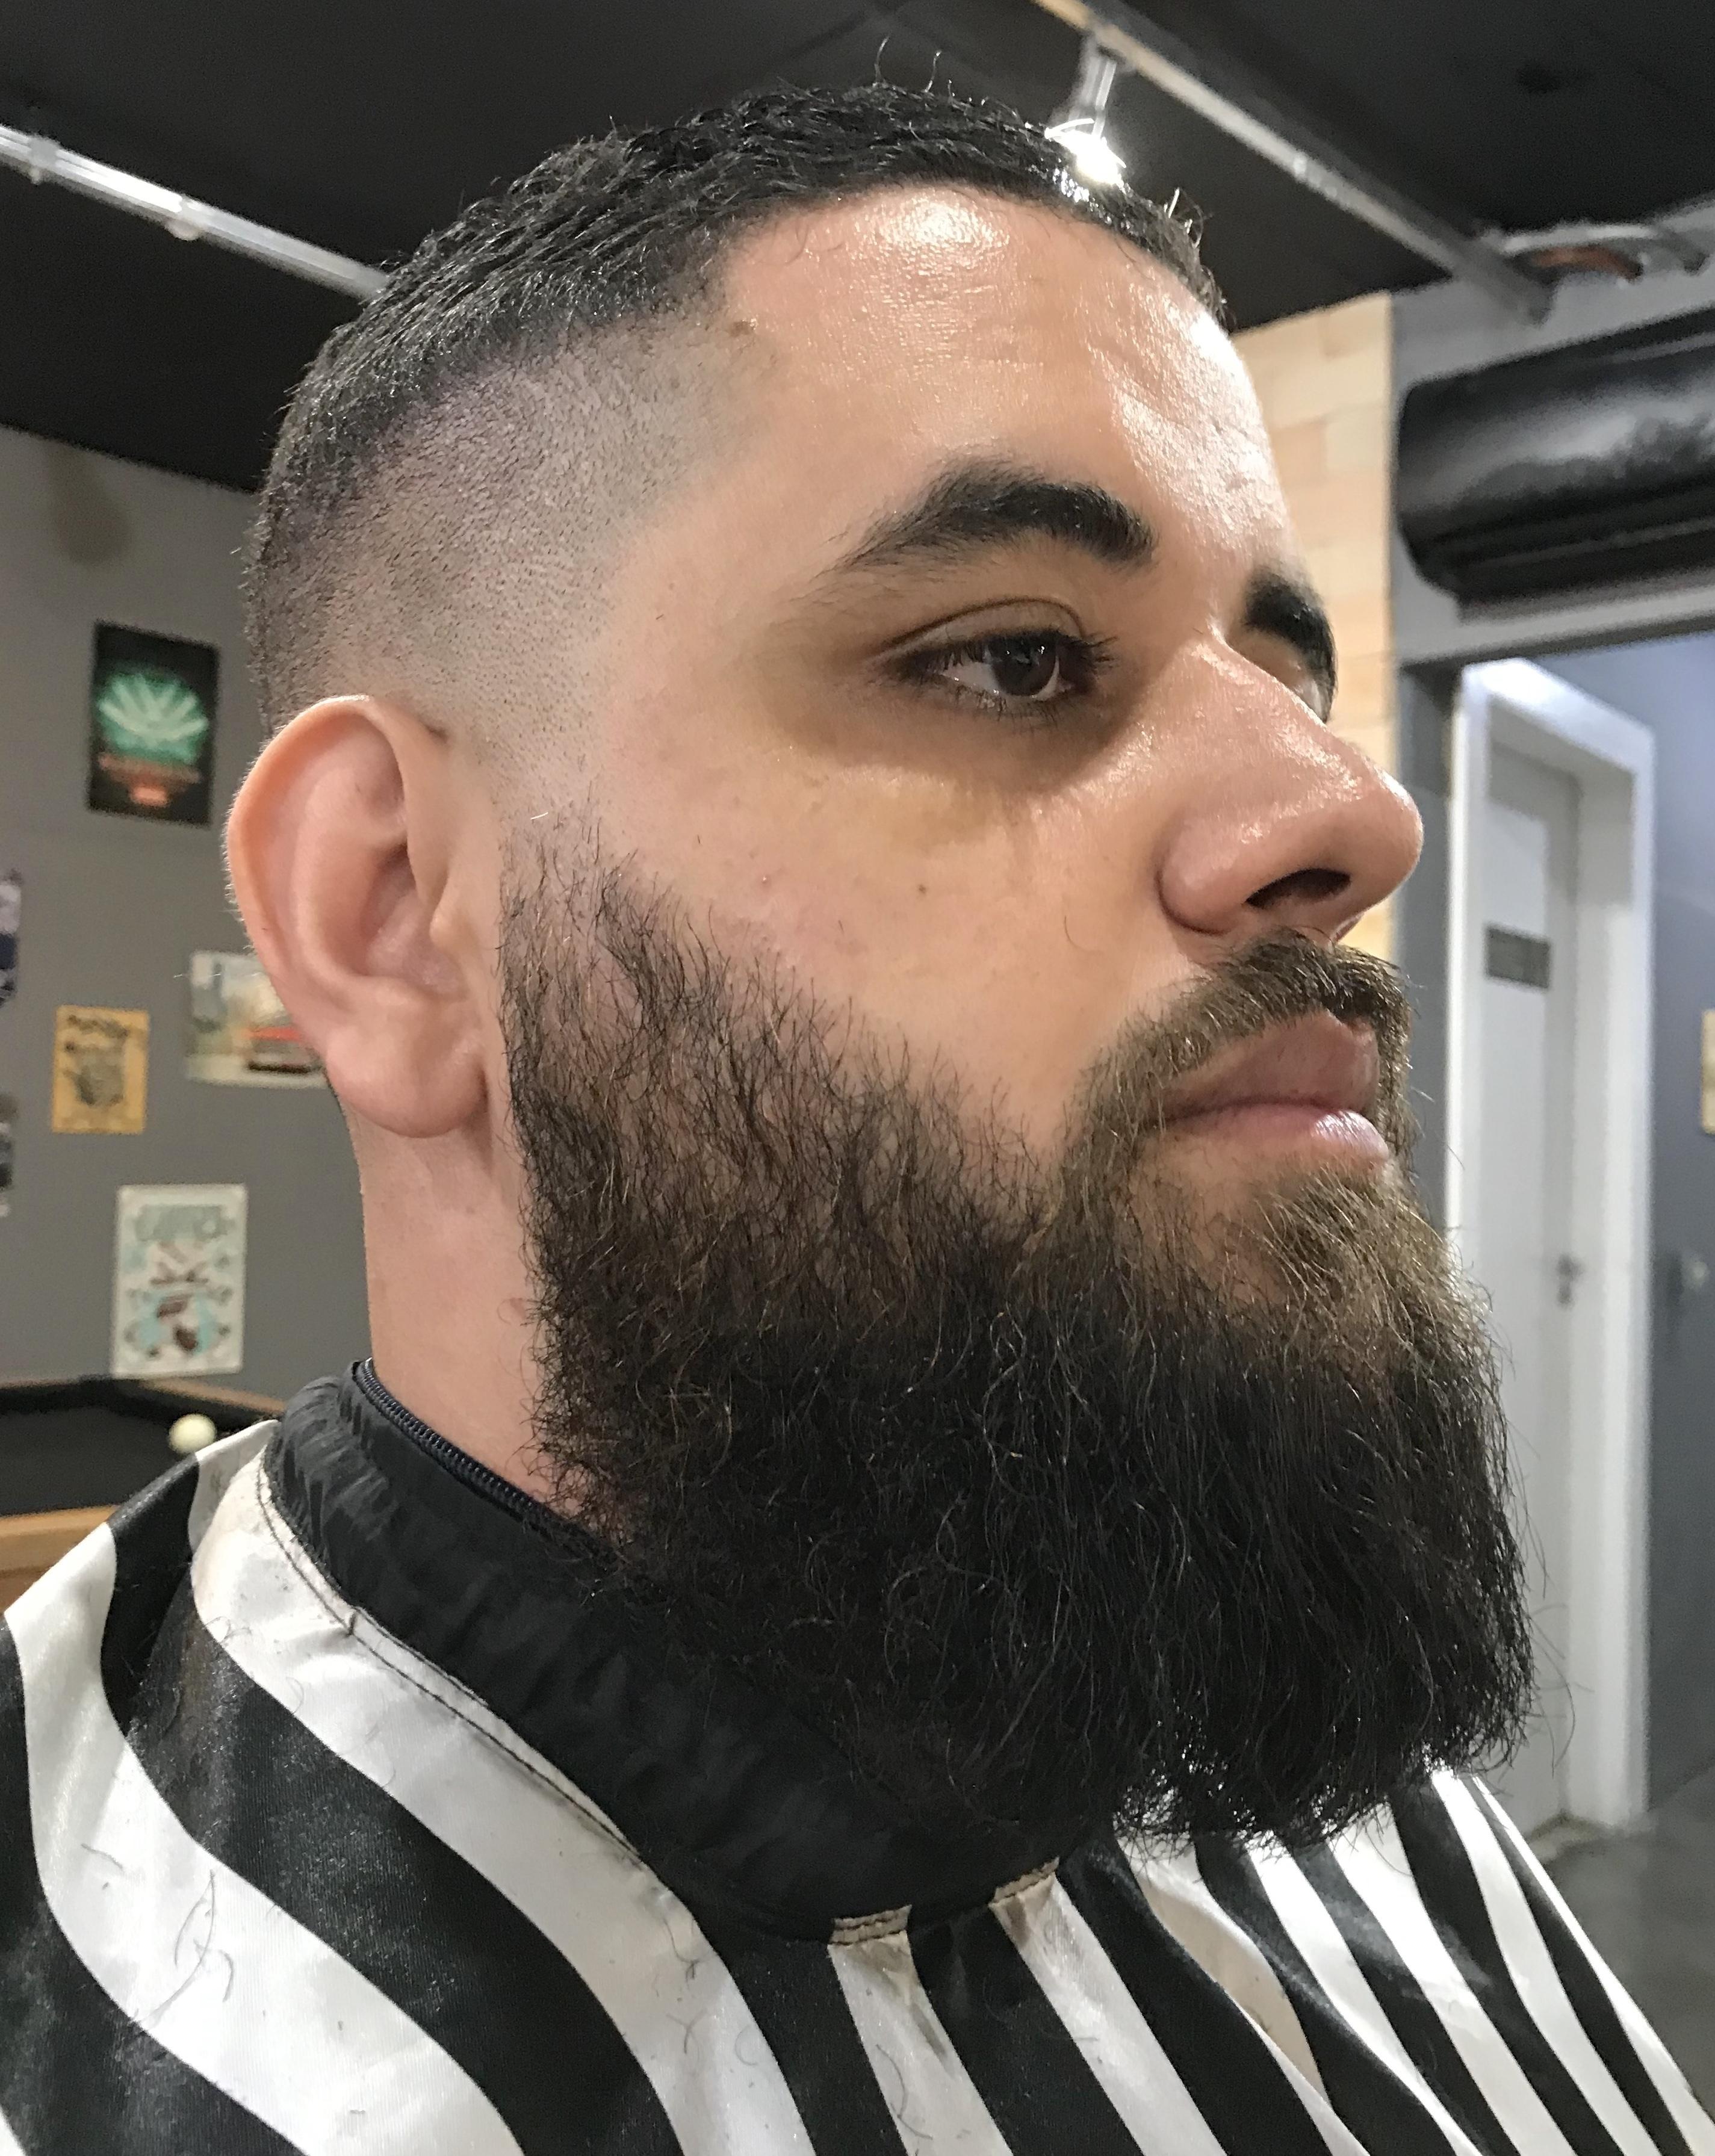 Barba outros barbeiro(a)